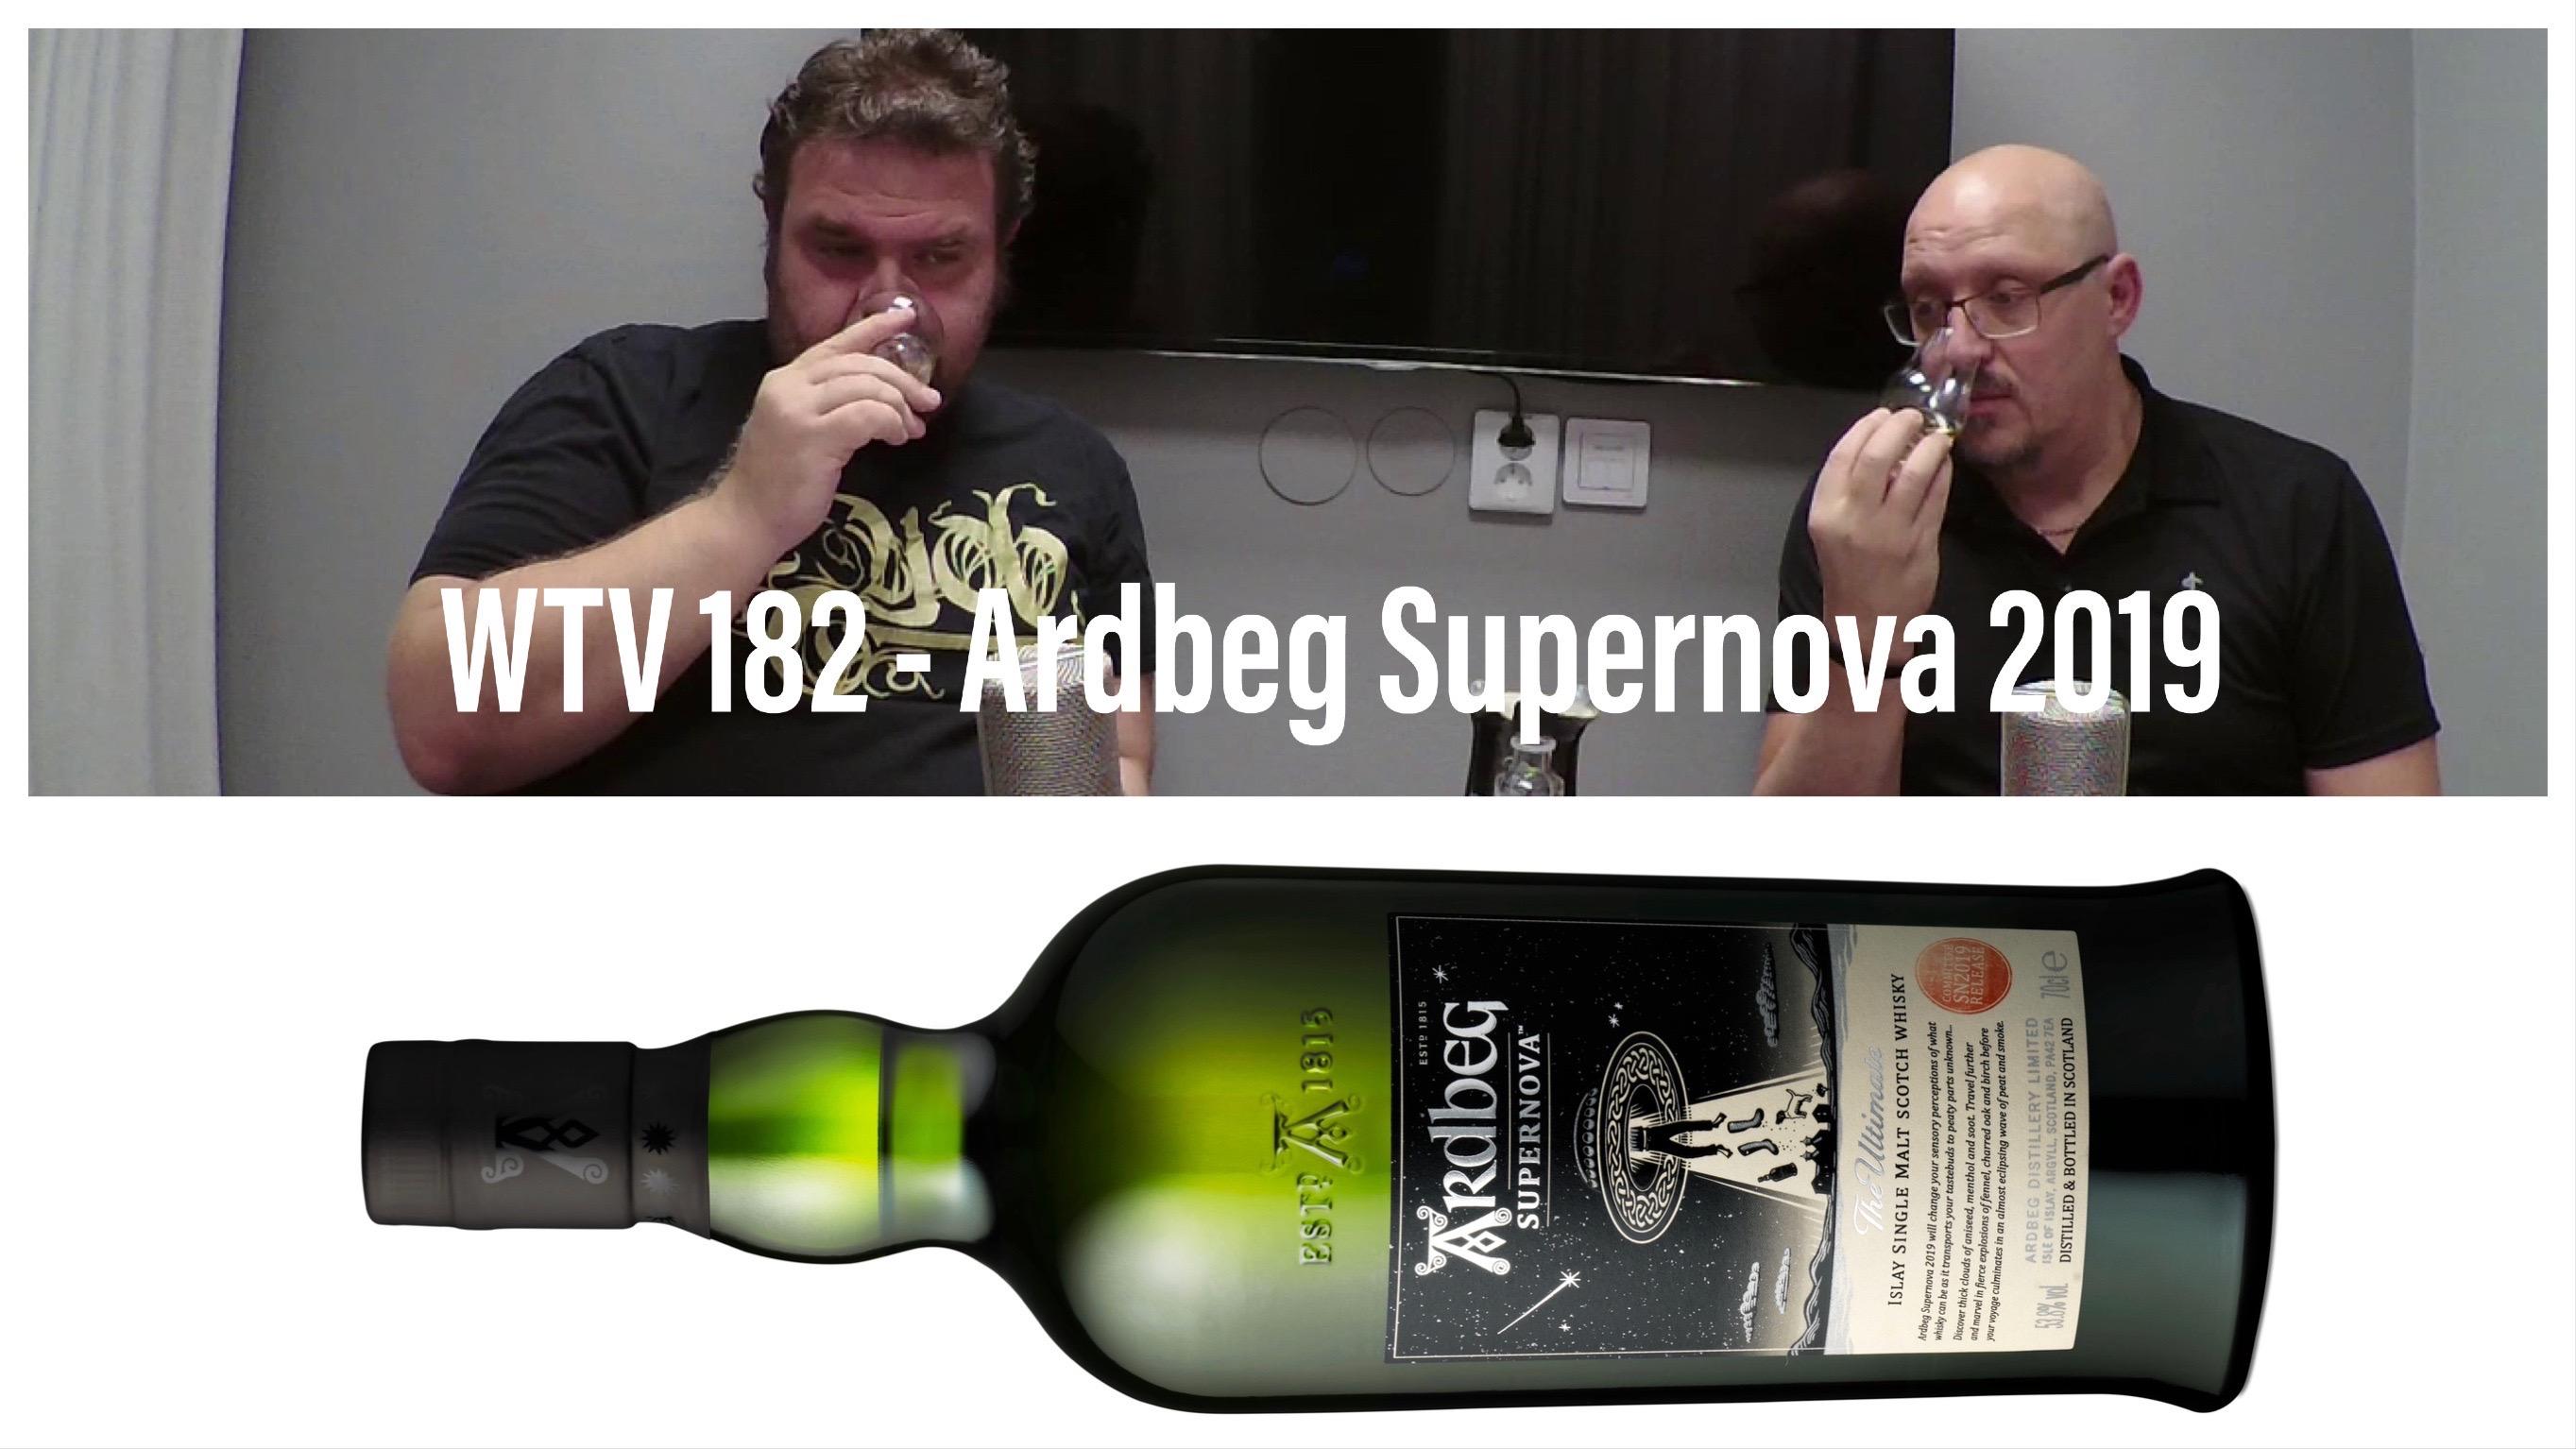 WTV 182 – Ardbeg Supernova 2019